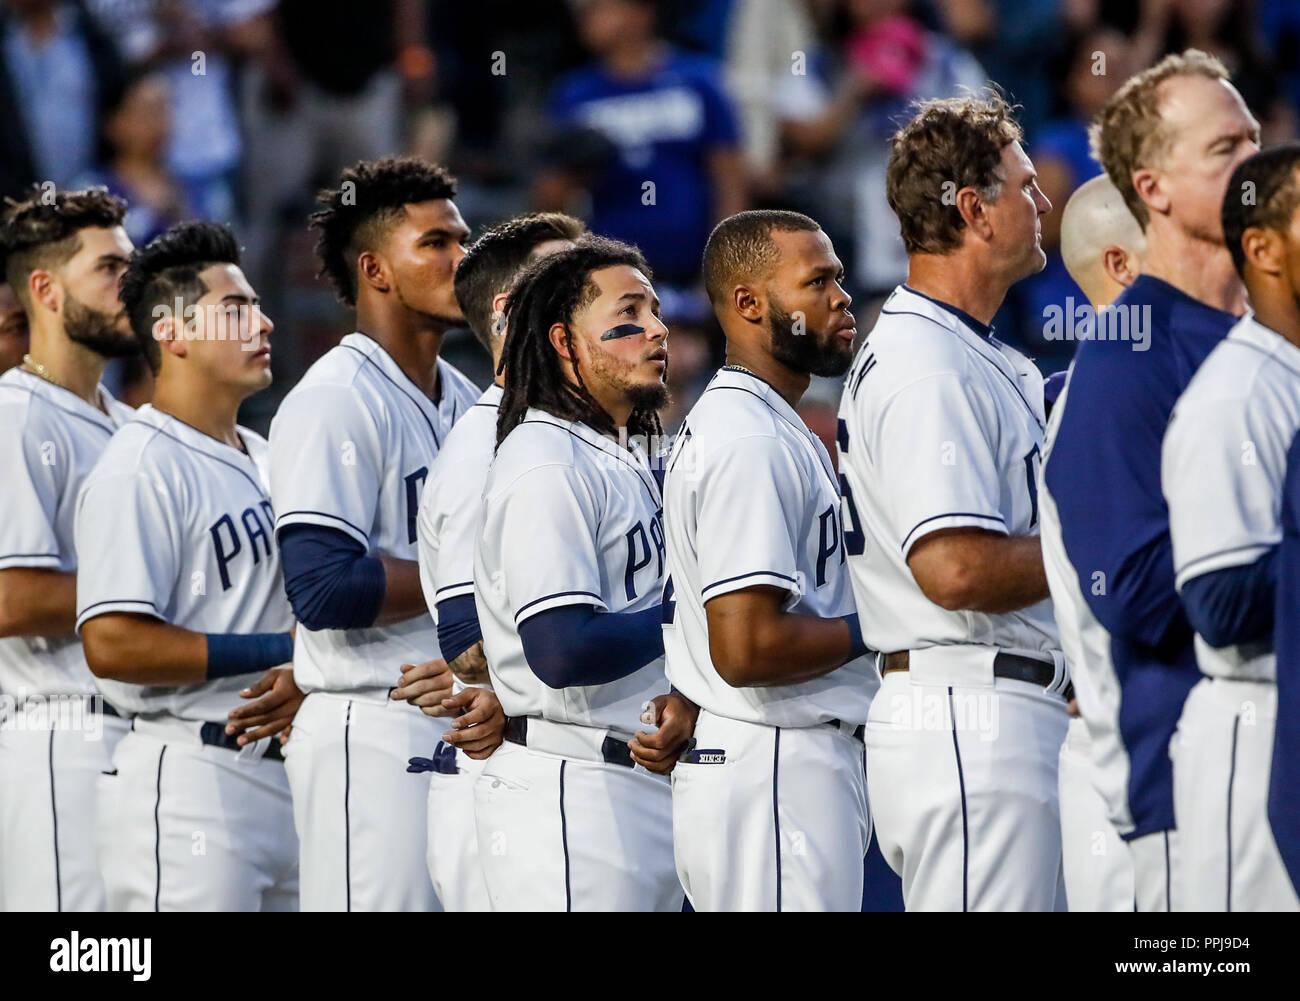 Christian Villanueva (i) y Freddy Galvis de San Diego, durante el partido de beisbol de los Dodgers de Los Angeles contra Padres de San Diego, durante - Stock Image